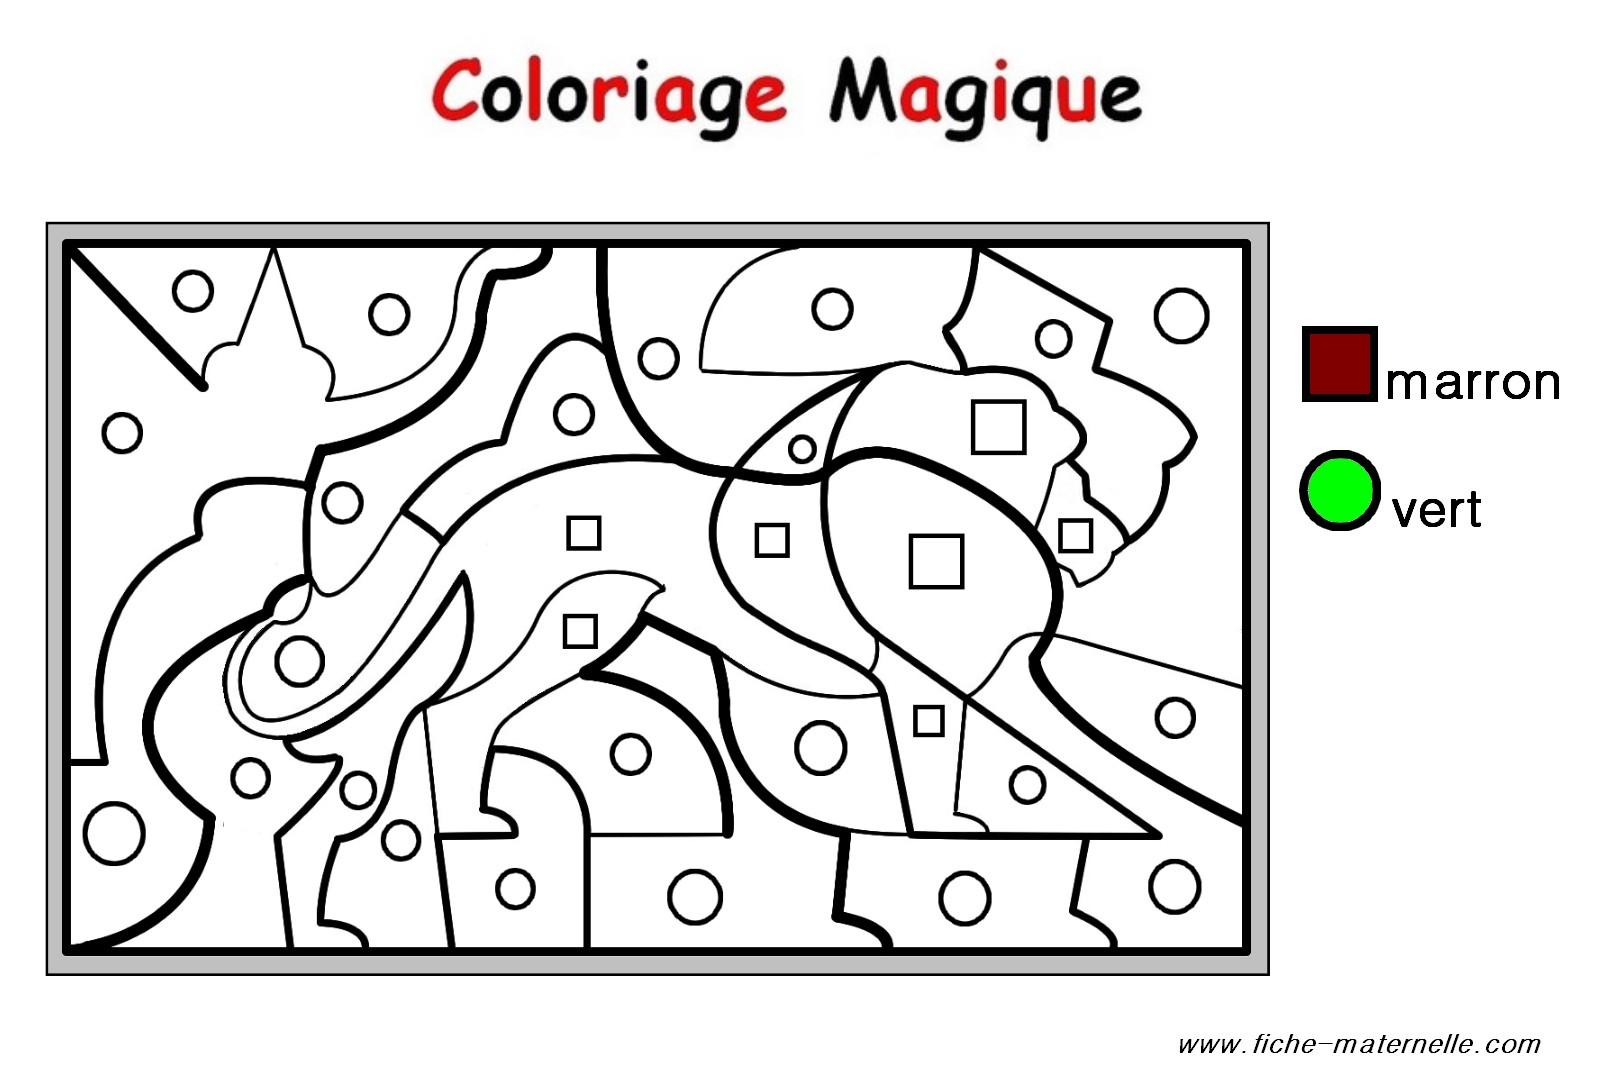 Coloriage Magique Zoo.Coloriage Magique Son Colorier Les Enfants Marnfozine Com